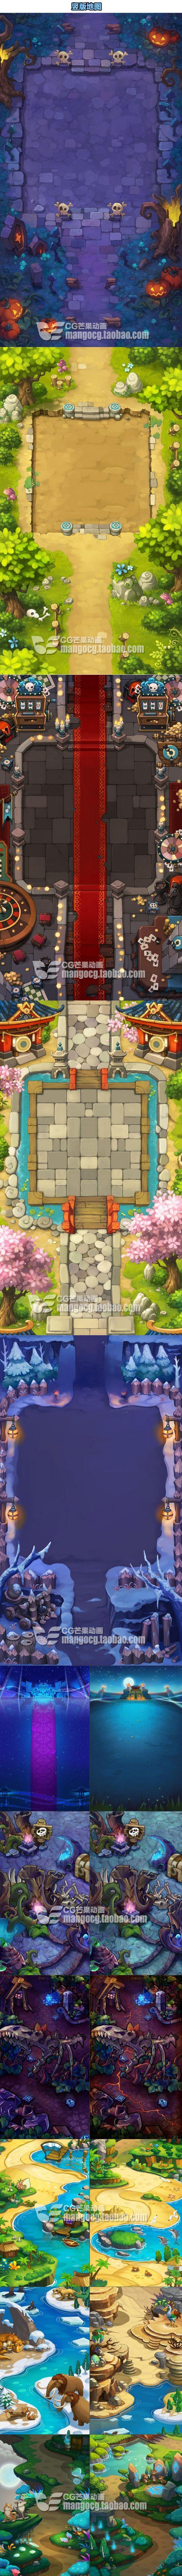 横版 竖版地图 战斗背景设定 游戏场景参...: